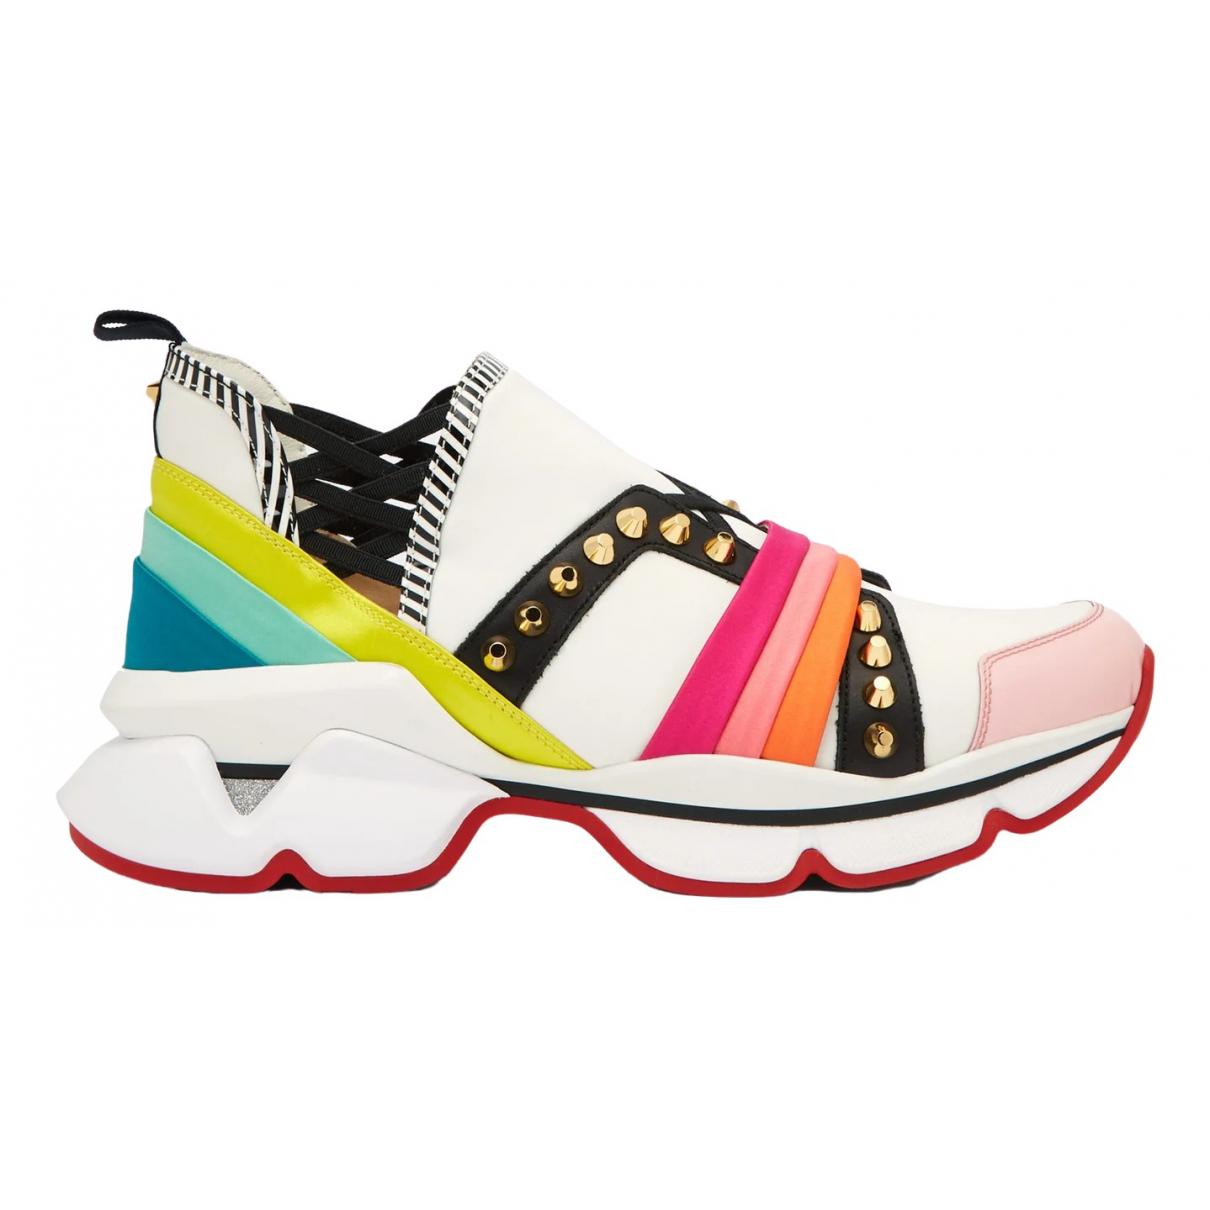 Christian Louboutin - Baskets   pour femme en cuir - multicolore